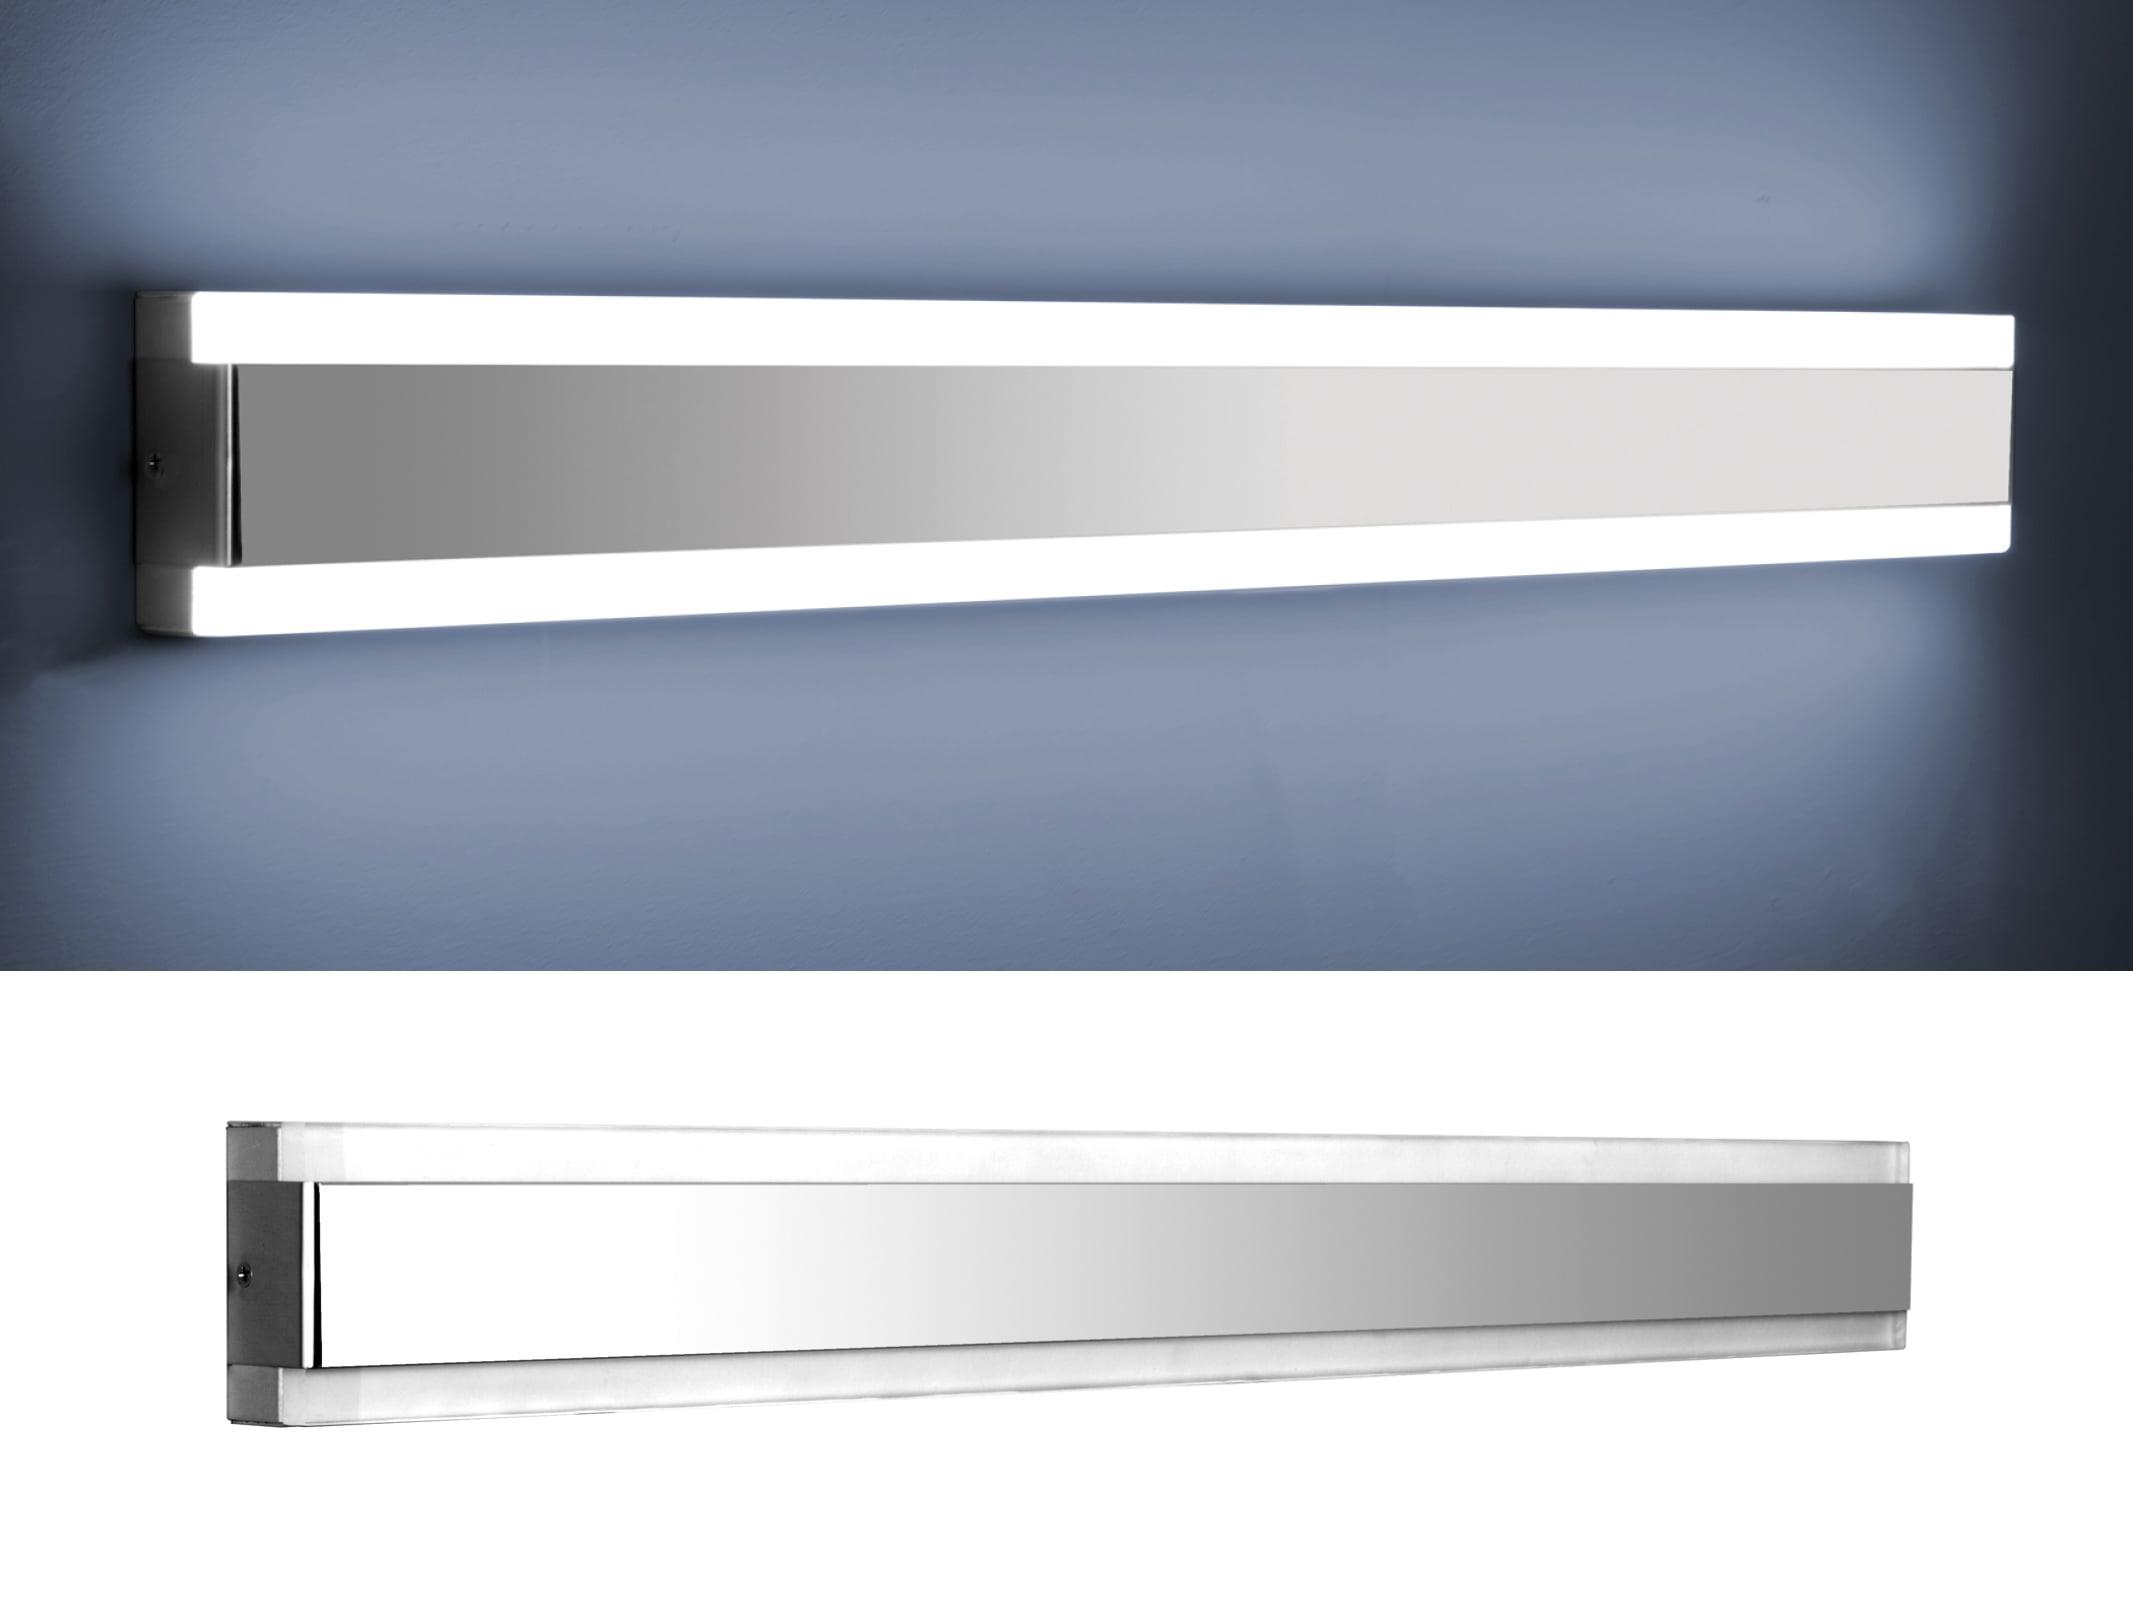 Plafoniere Design Per Bagno : L2027 linear plafoniera 80 cipì design ed accessori per la